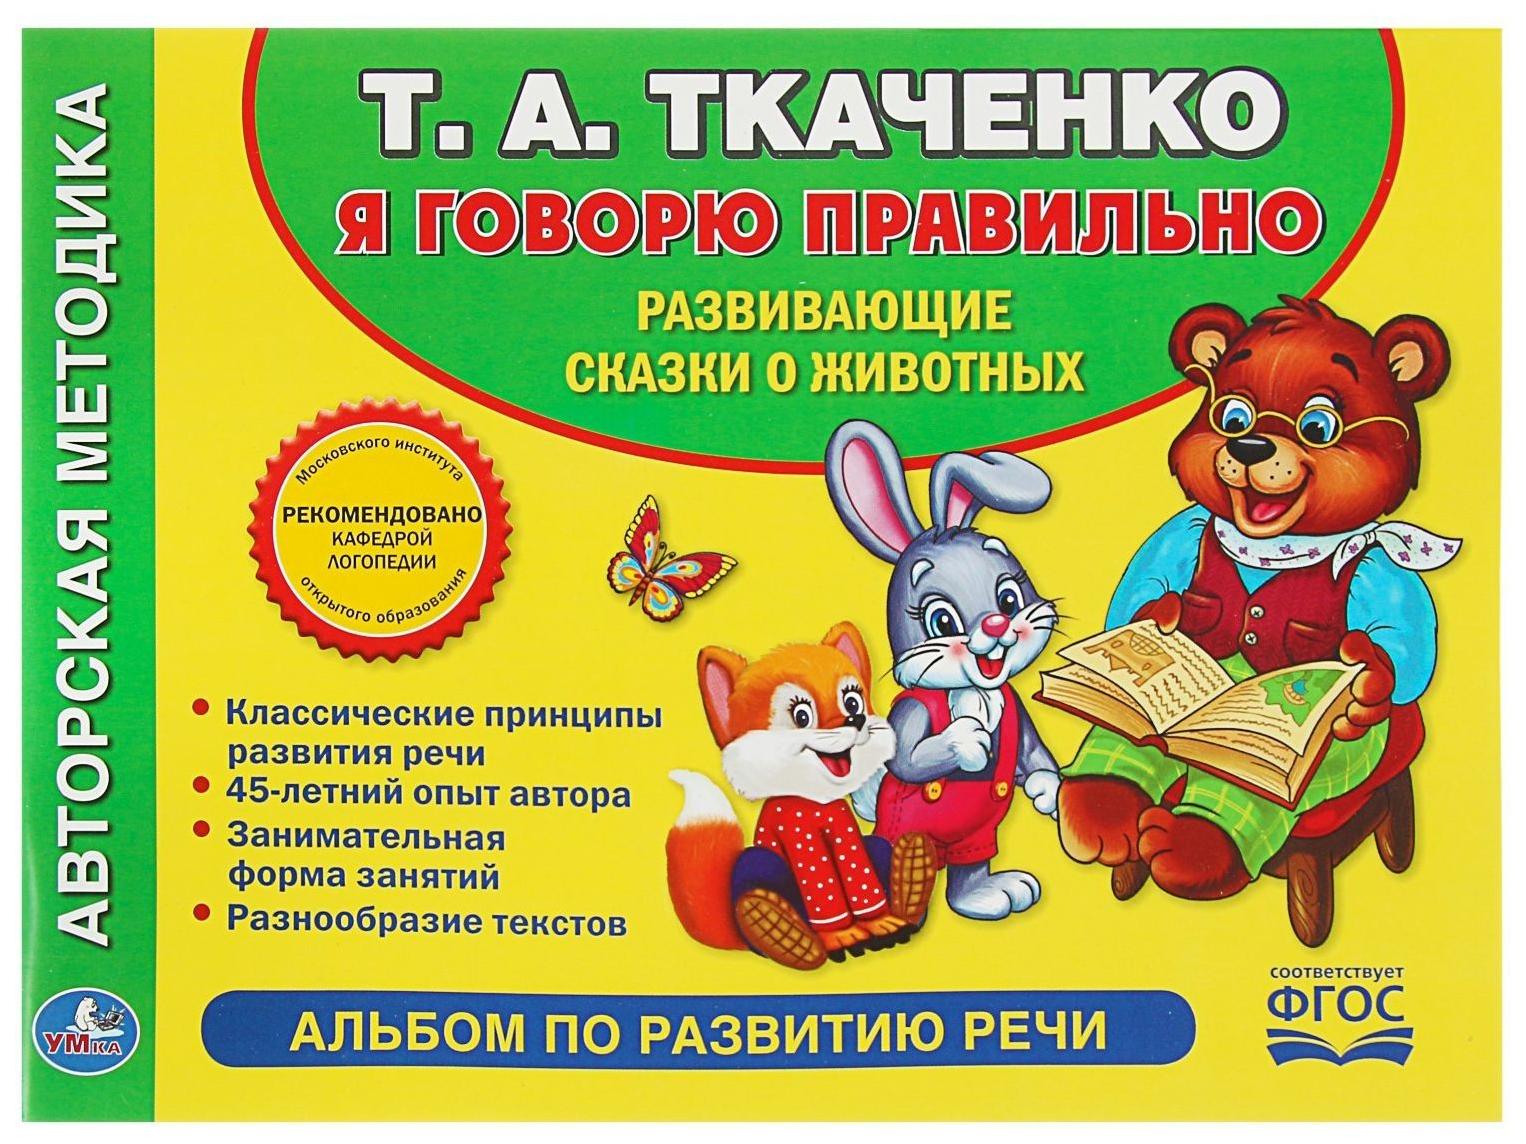 Купить Учимся Говорить правильно. Альбом по развитию Речи, Умка, Книги по обучению и развитию детей